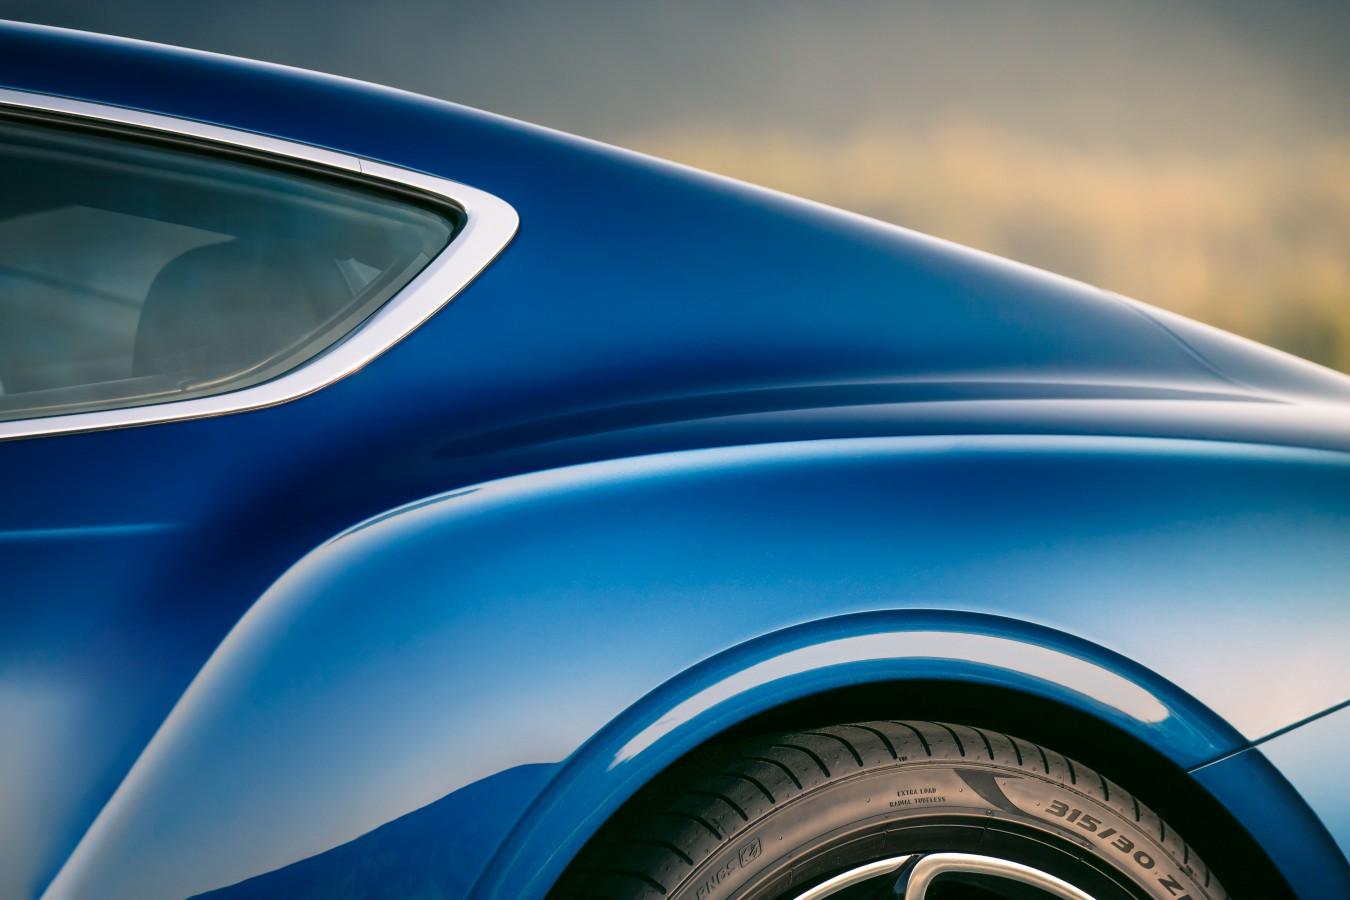 САМАЯ  ДОЛГОЖДАННАЯ ПРЕМЬЕРА - НОВЫЙ BENTLEY CONTINENTAL GT - изображение New-Continental-GT-17 на Bentleymoscow.ru!